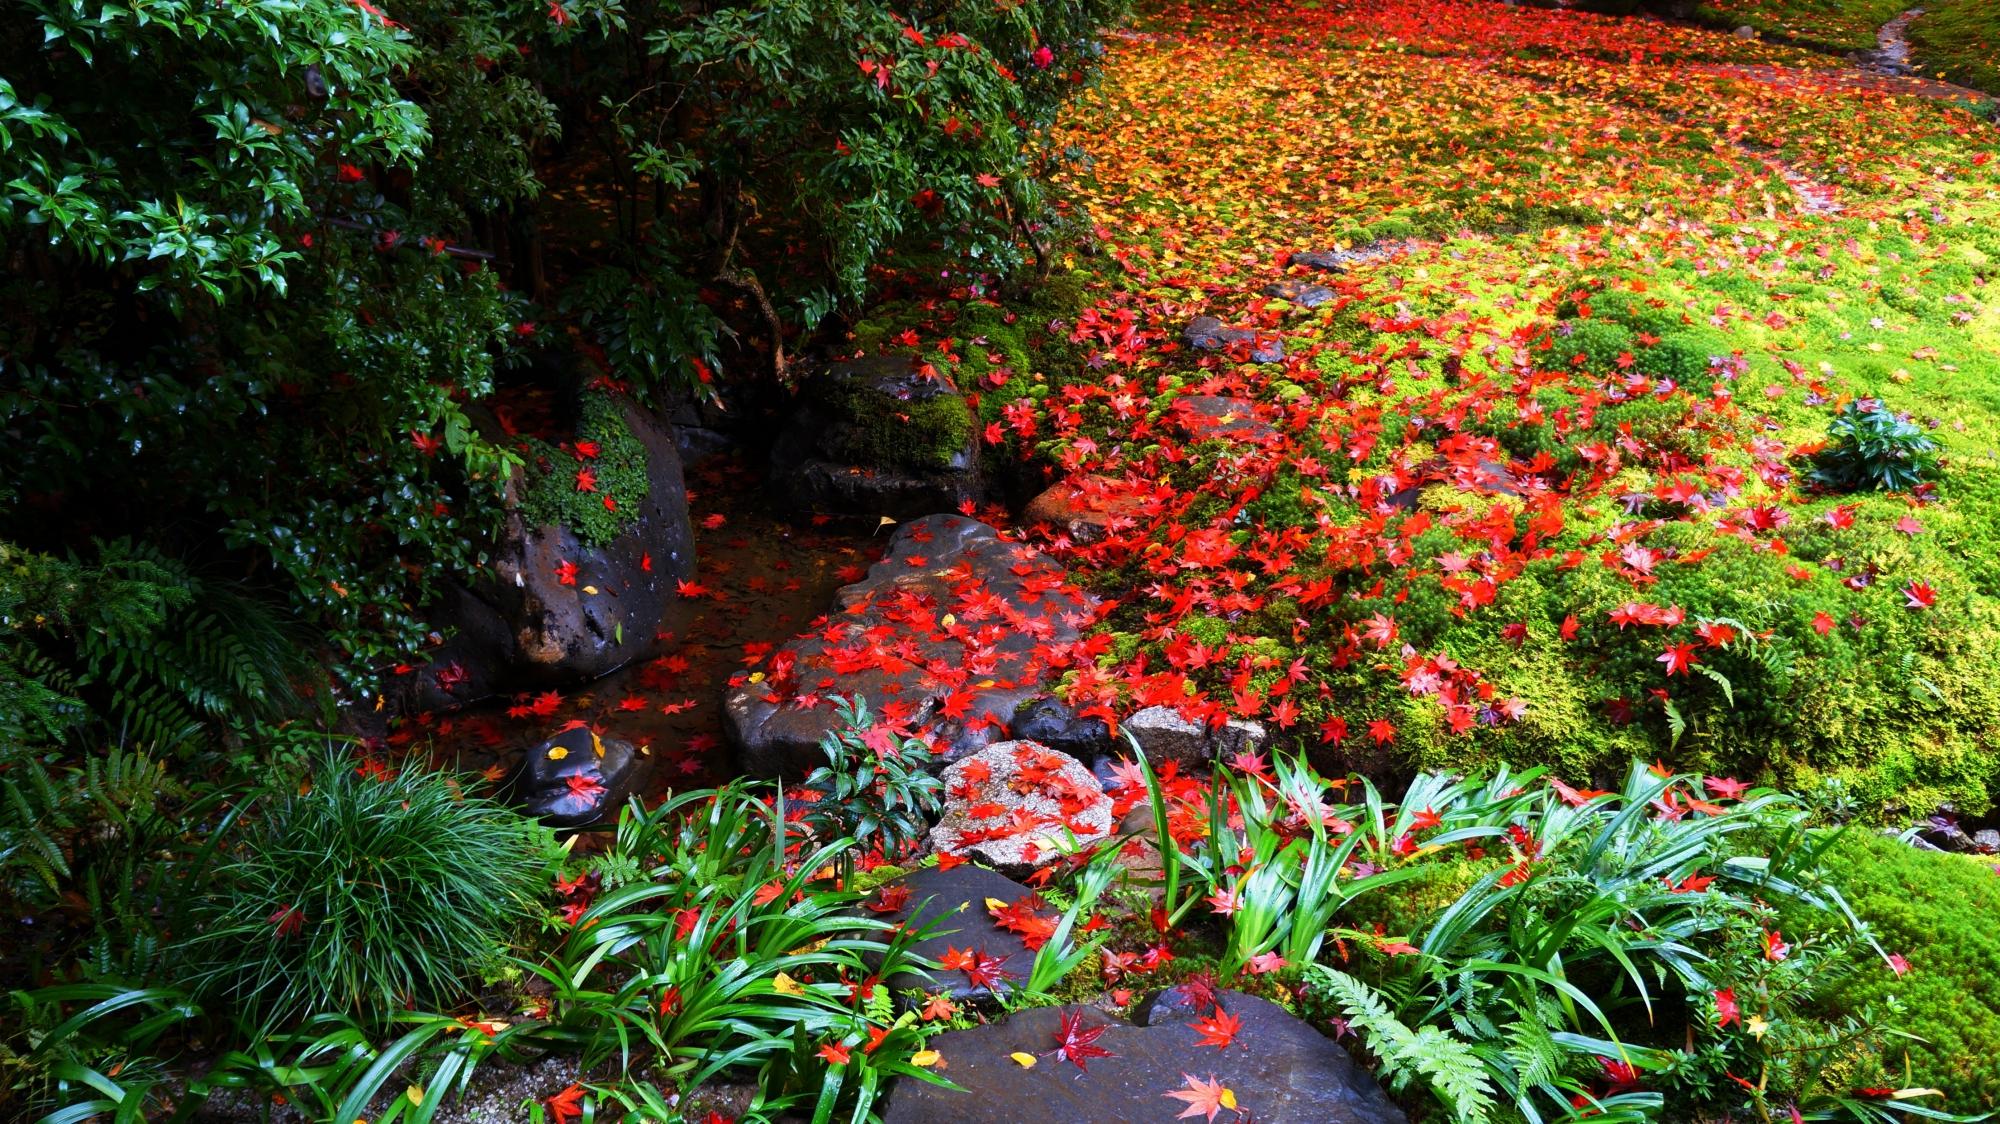 多種多様な緑の植物や岩に散った鮮やかな紅葉